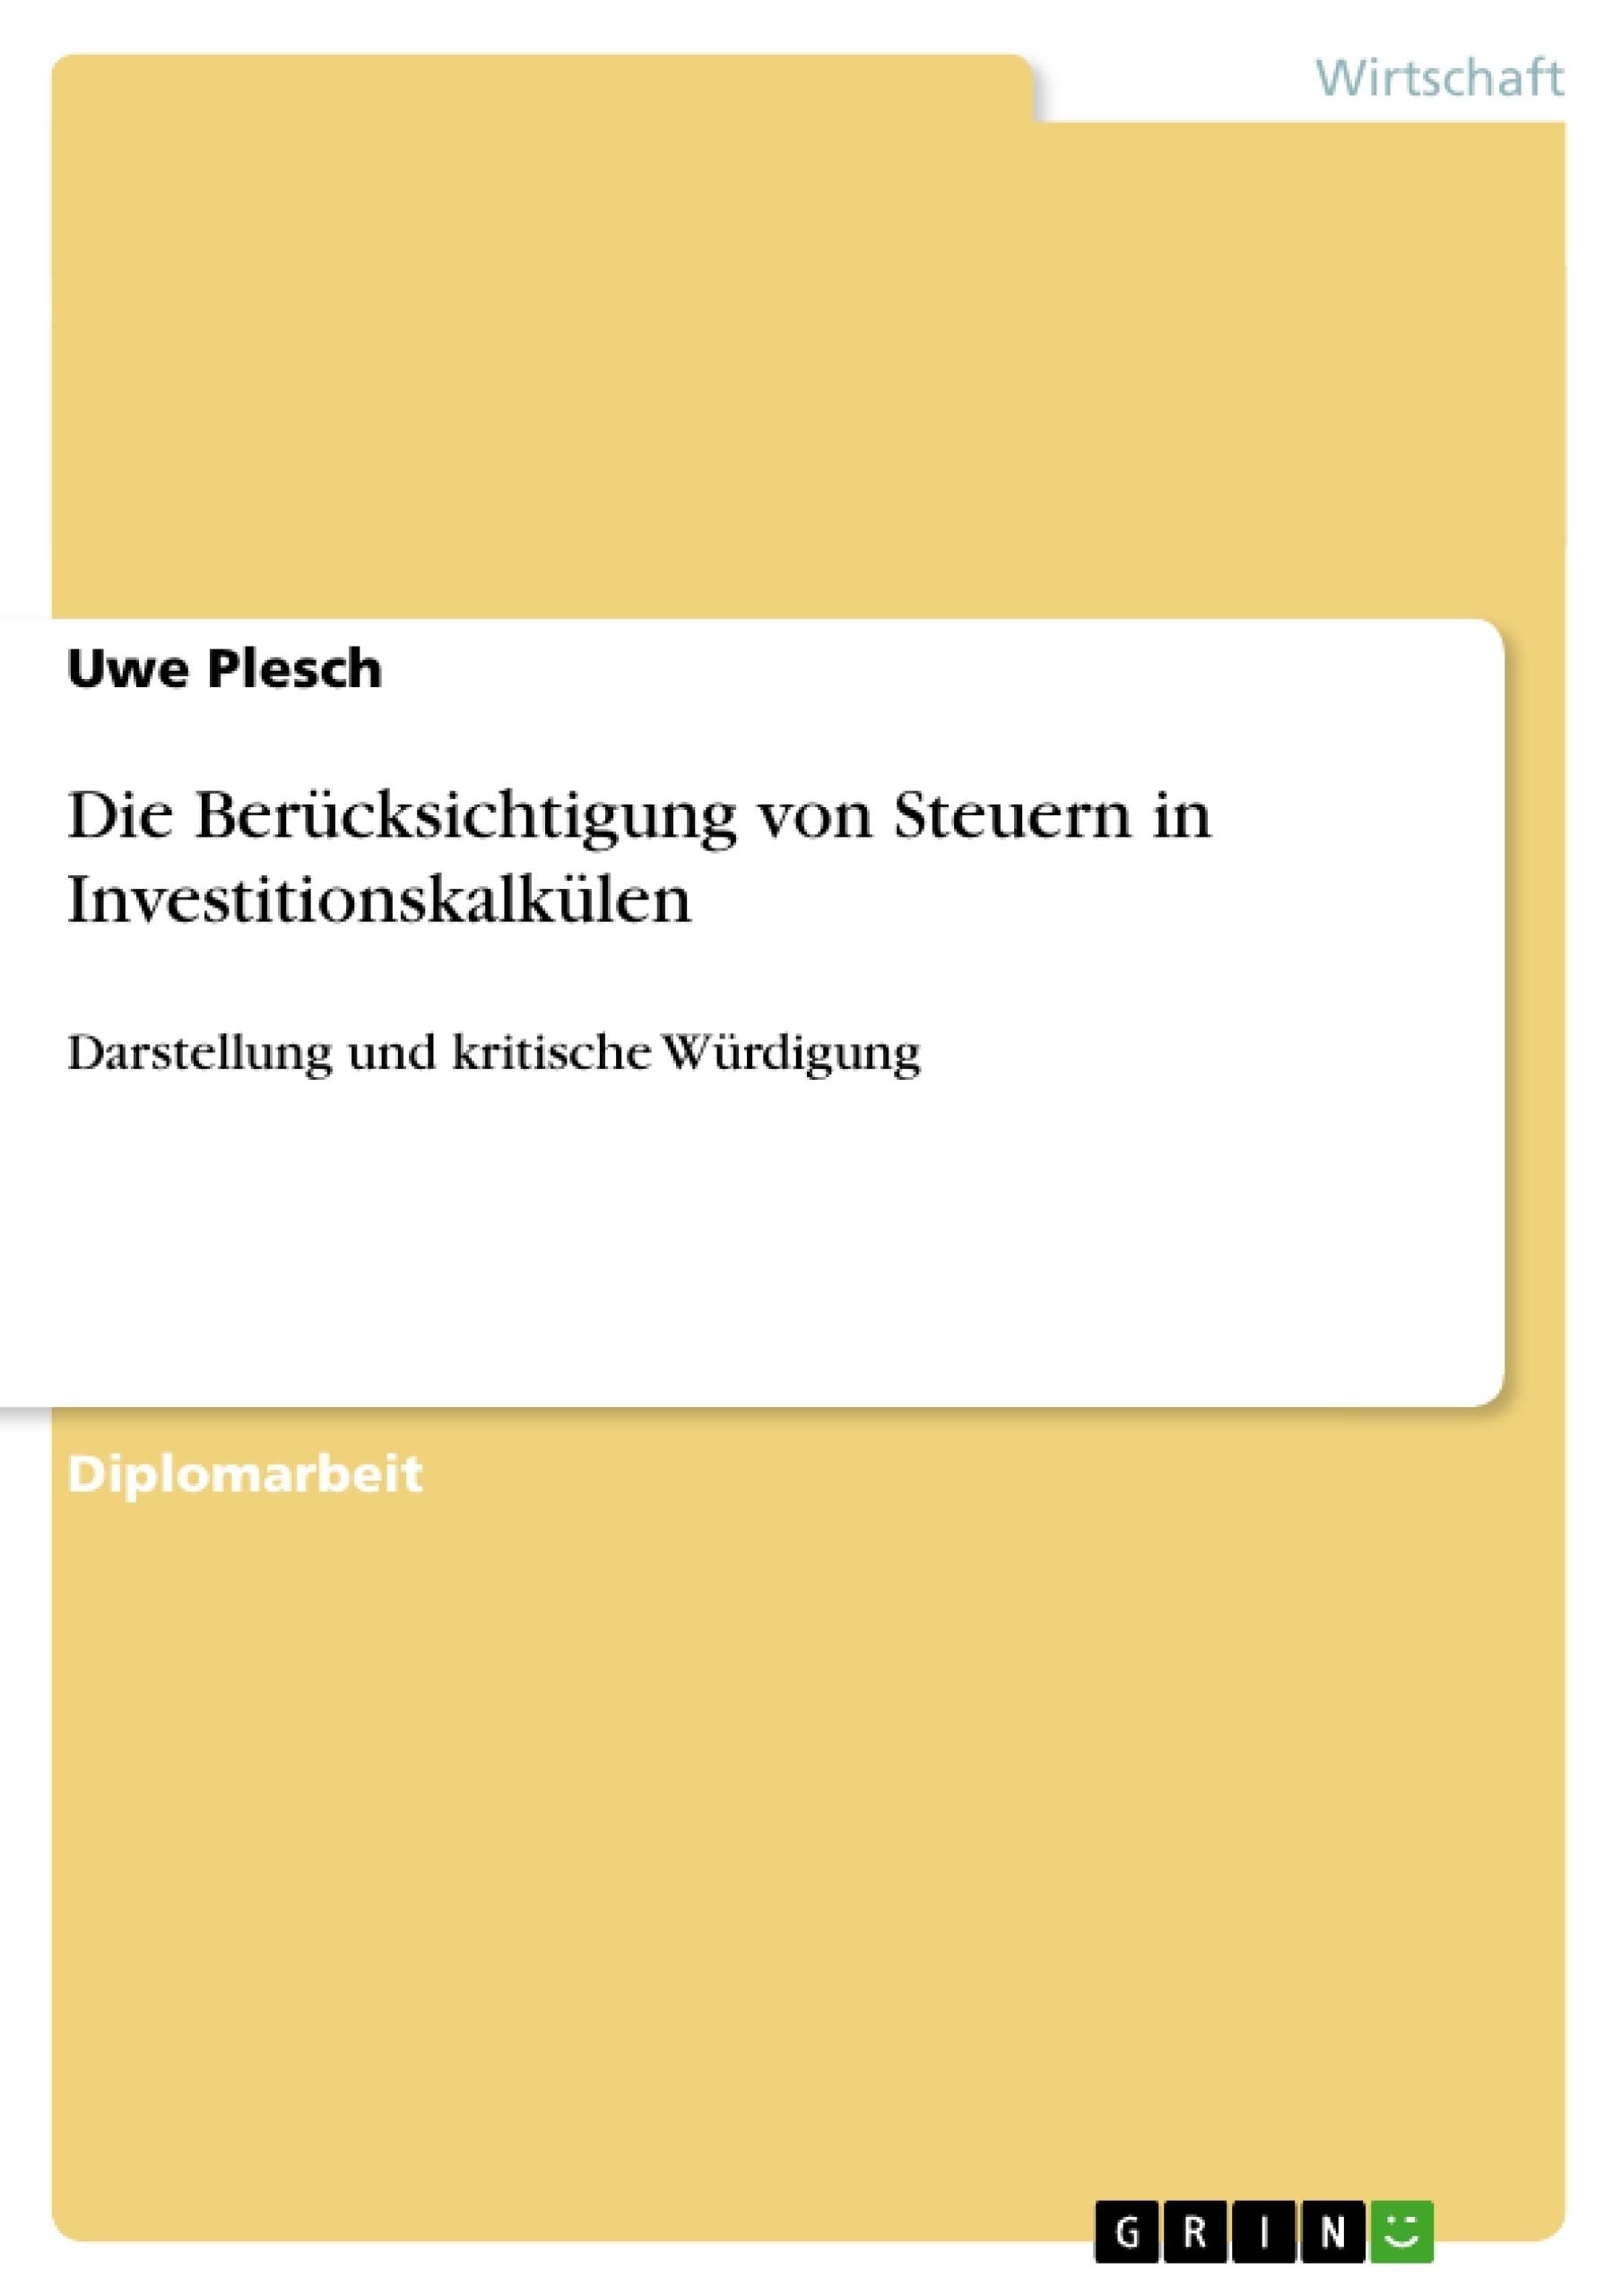 Titel: Die Berücksichtigung von Steuern in Investitionskalkülen